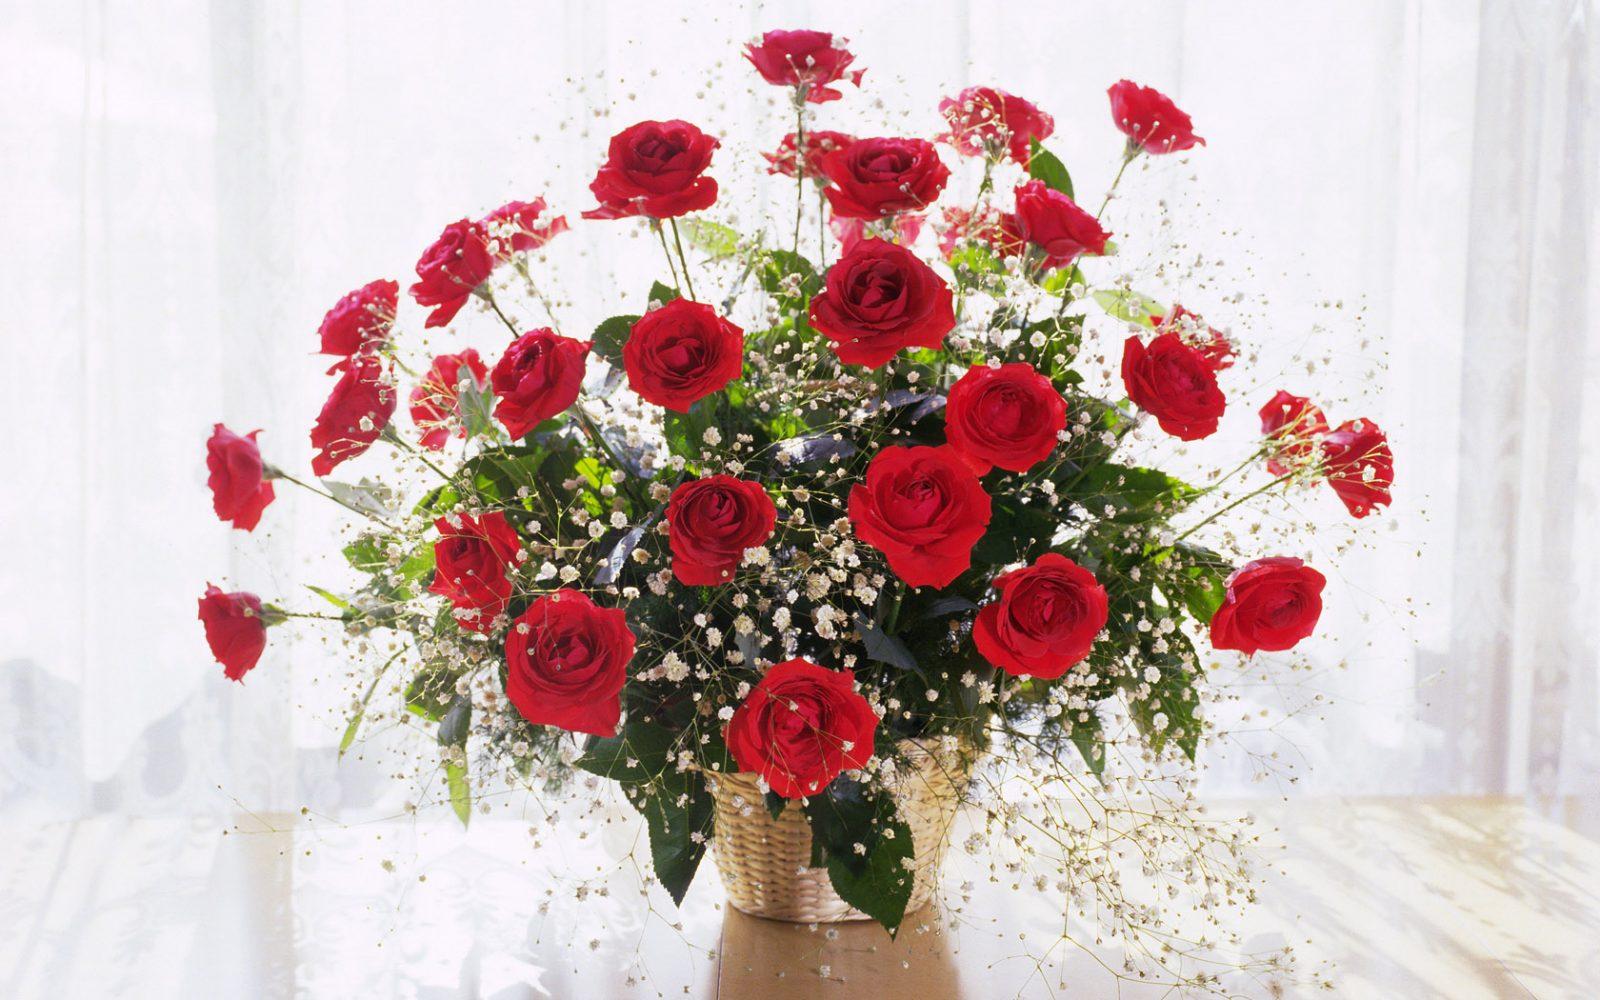 cuidados de los ramos de rosas - Imagenes De Ramos De Rosas